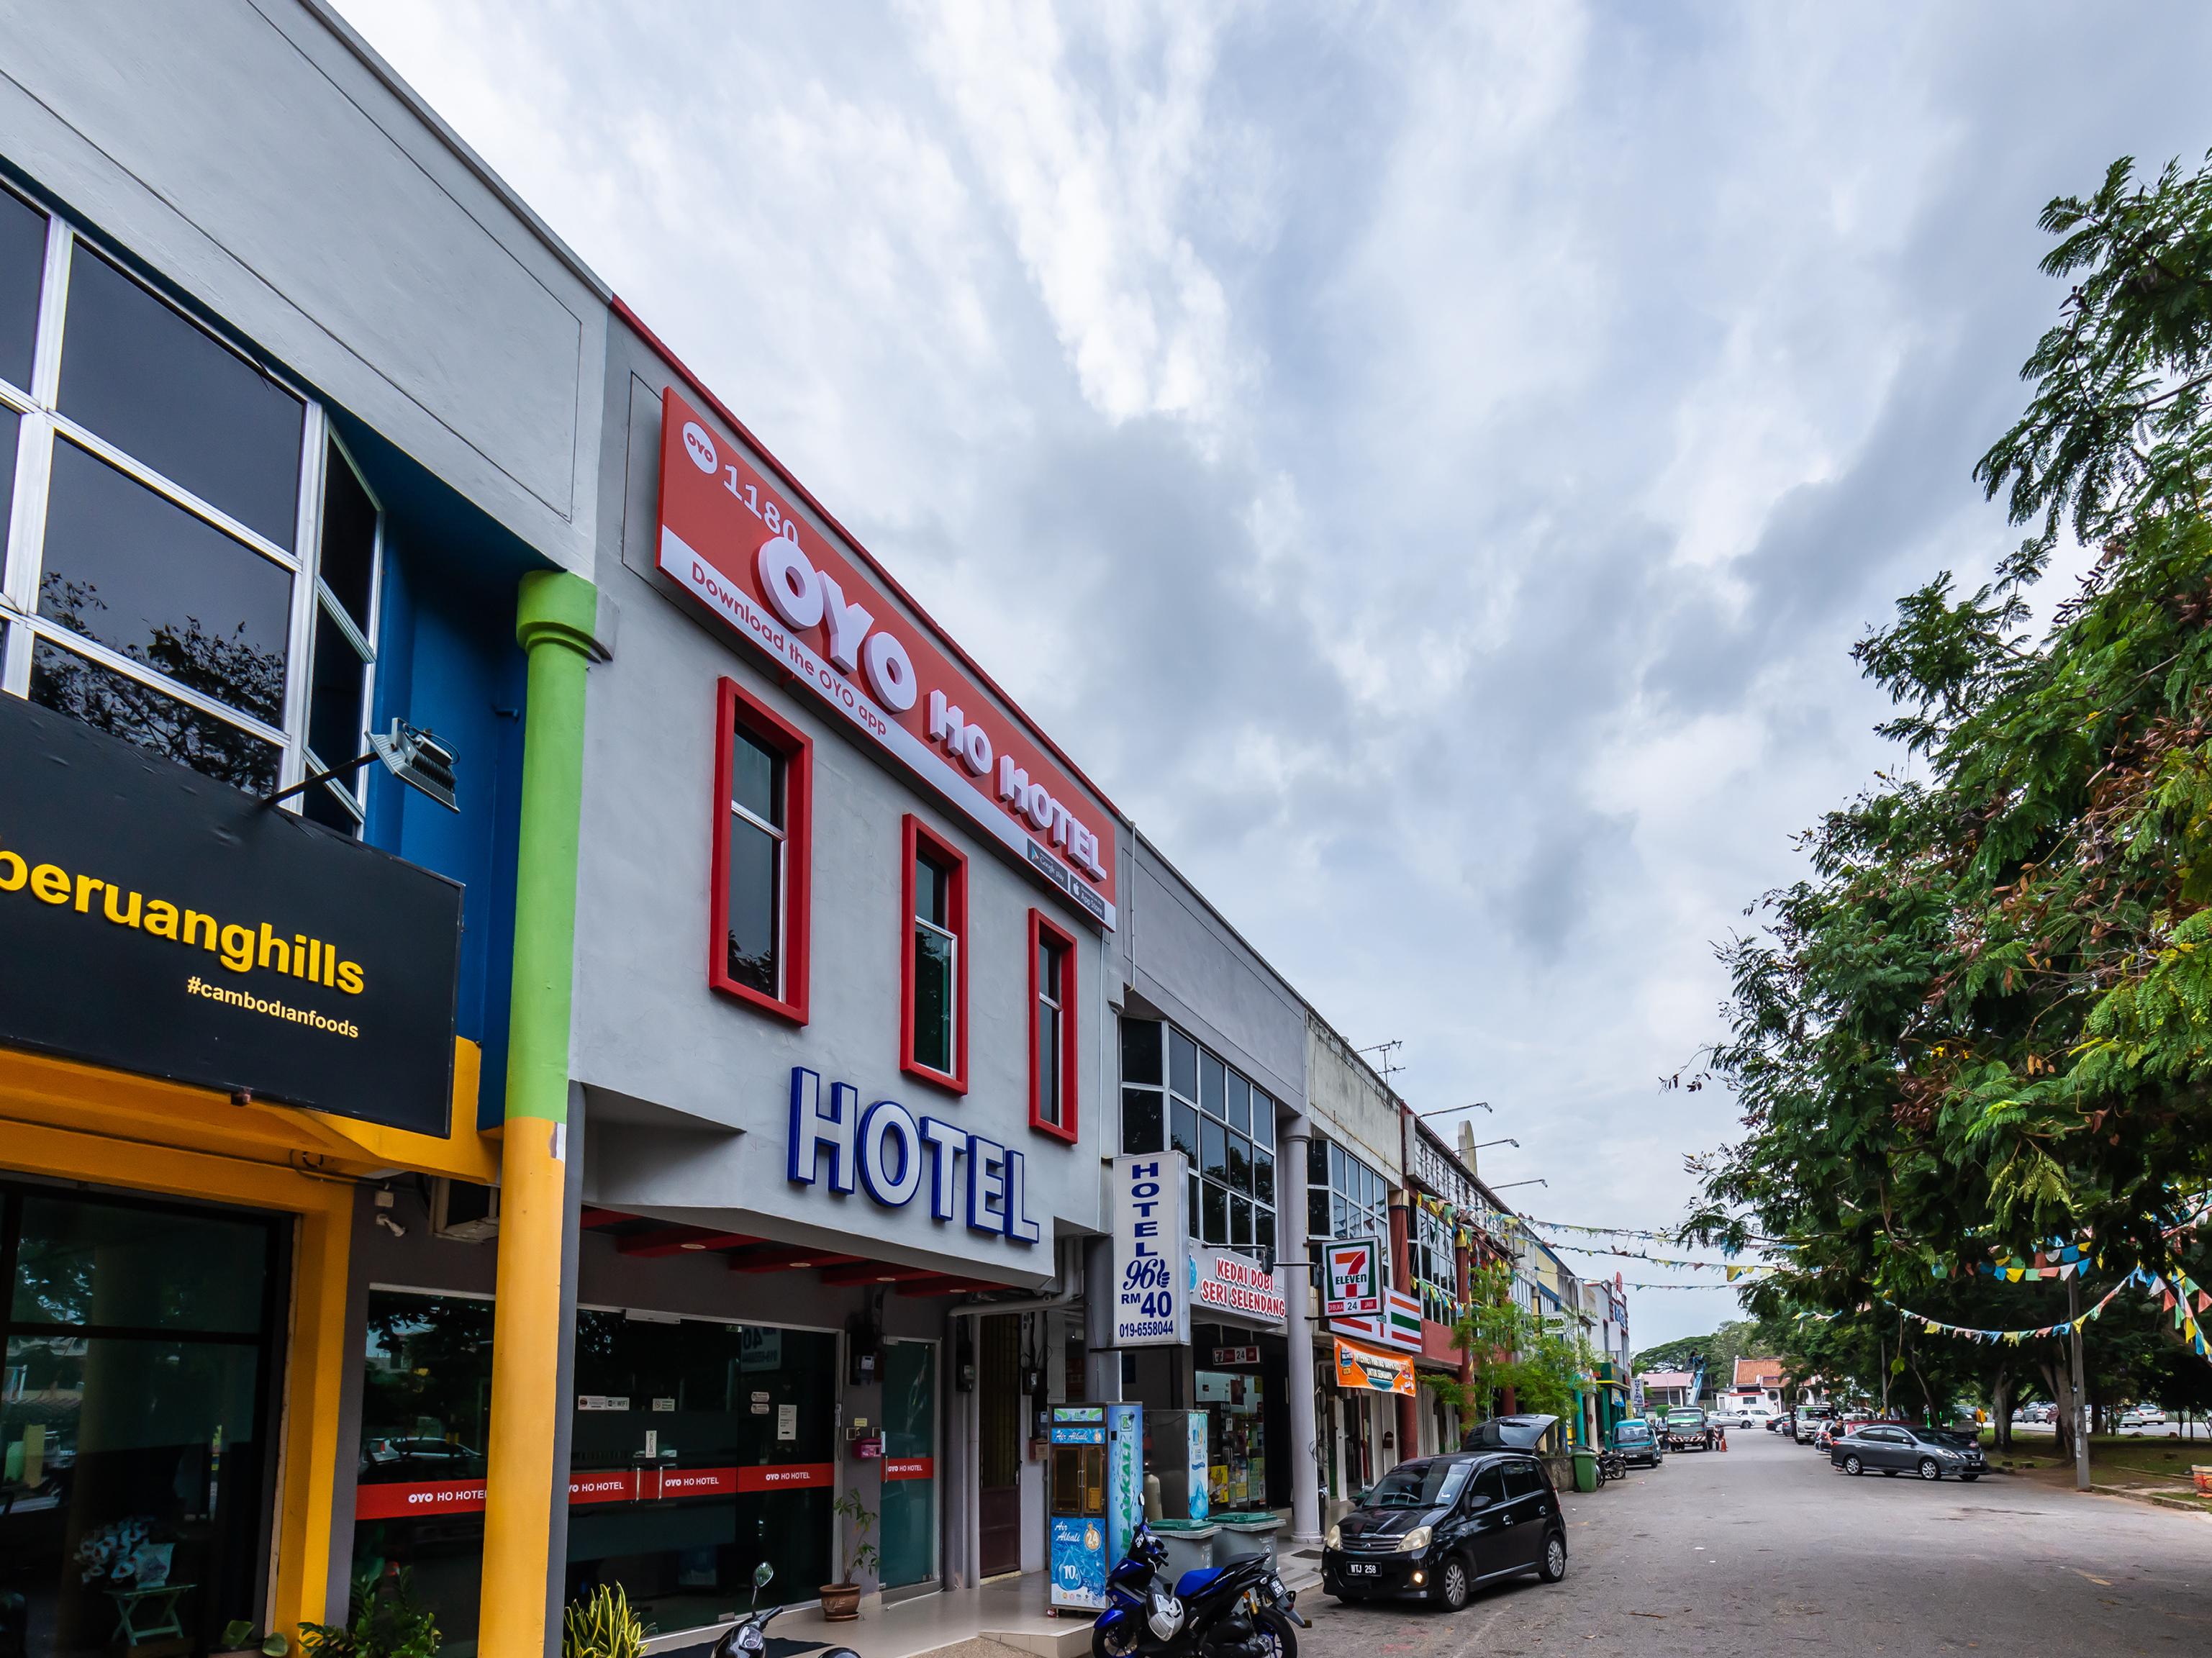 OYO 1184 Ho Hotel, Kota Melaka